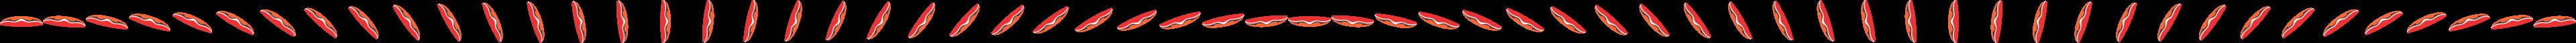 Participant-glider